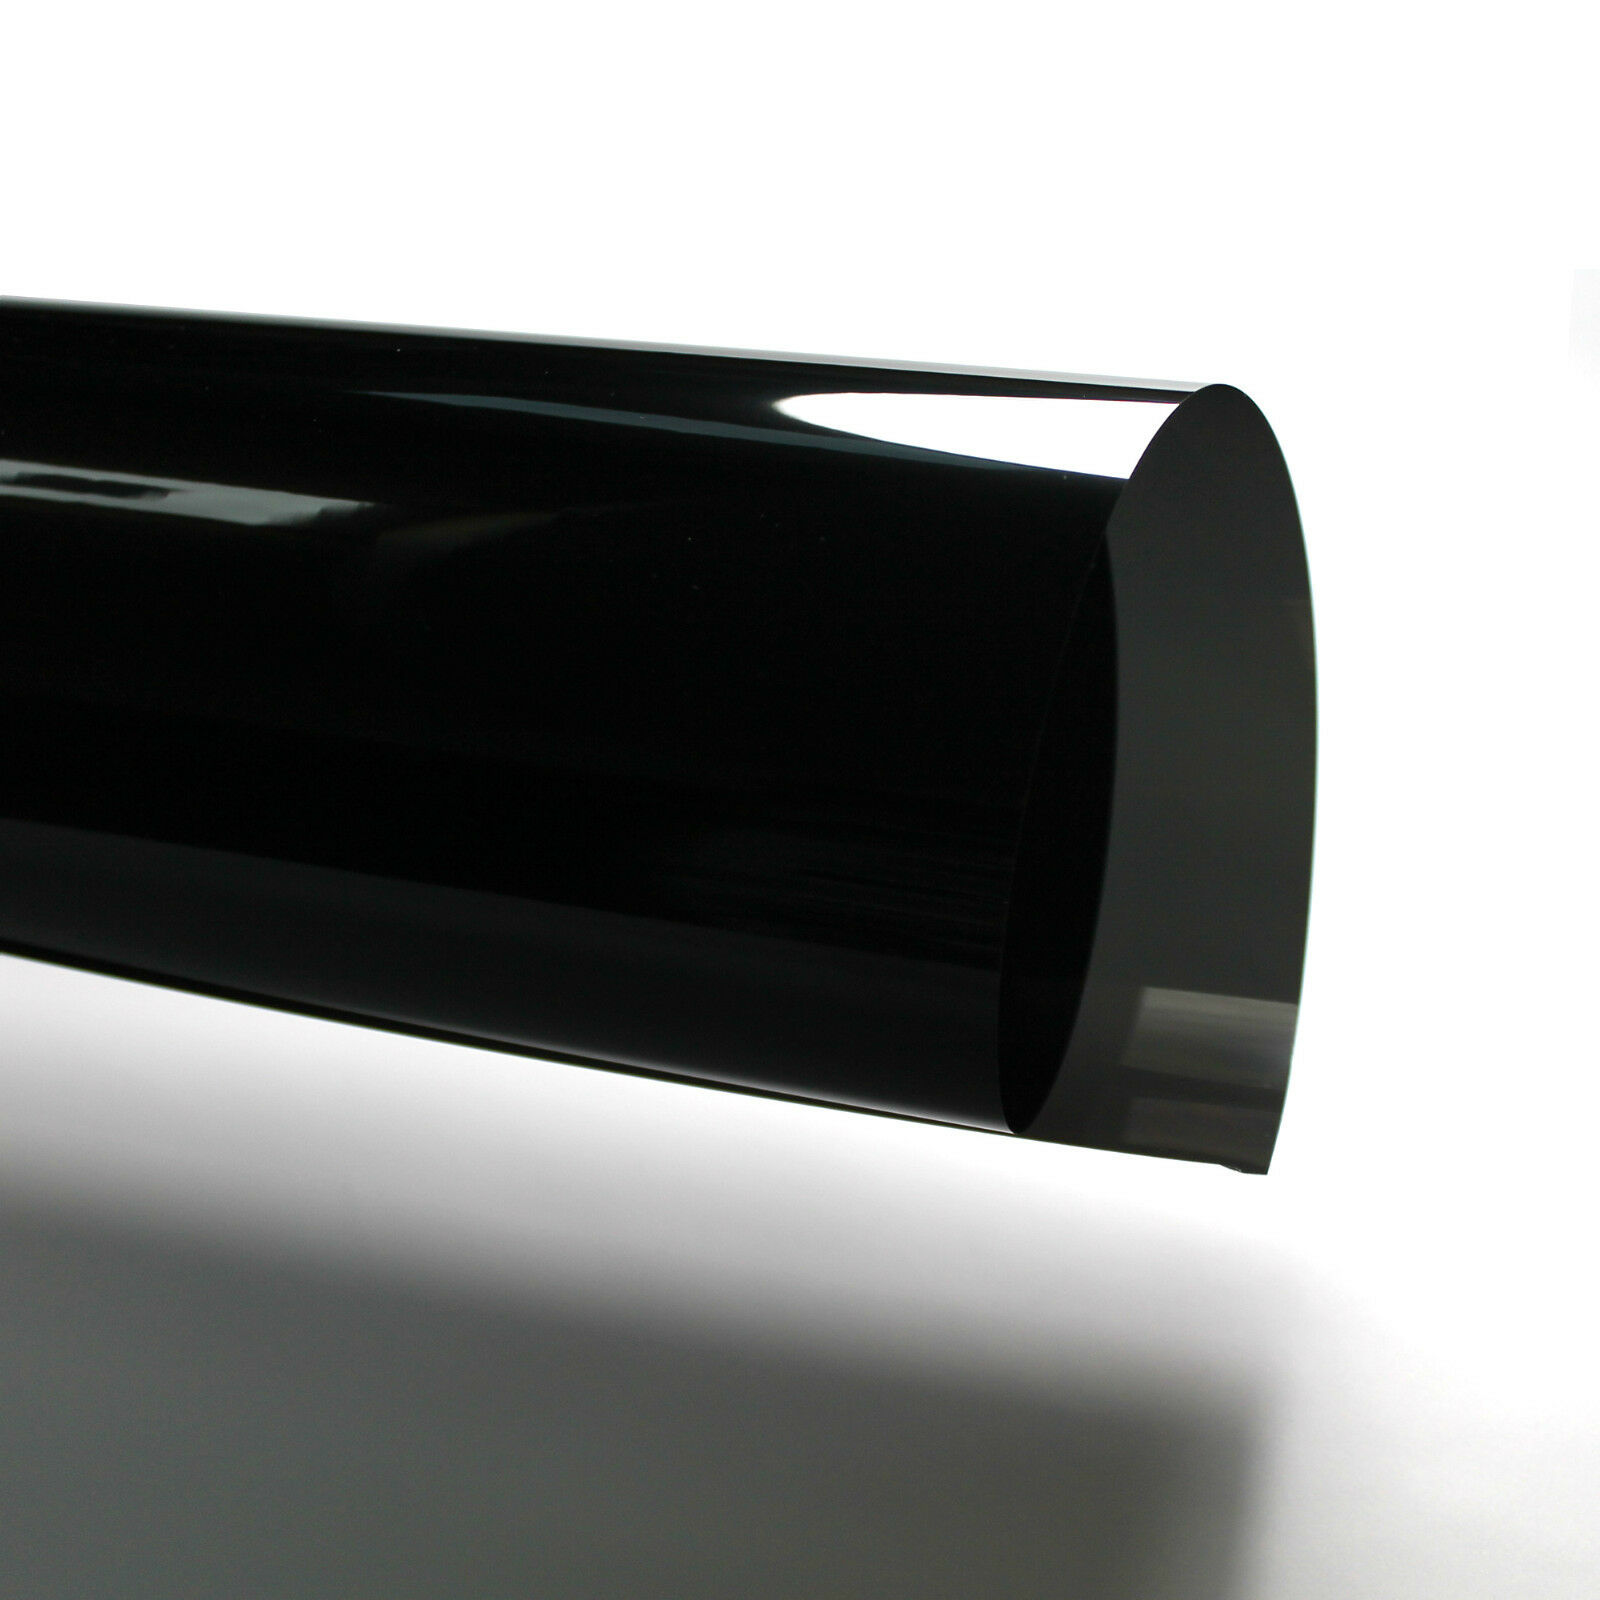 KFZ Tönungsfolie Tönungsfolie Tönungsfolie Sonnenschutzfolie  95% 85% 75% schwarz mit ABG   Neuheit Spielzeug  1d001a